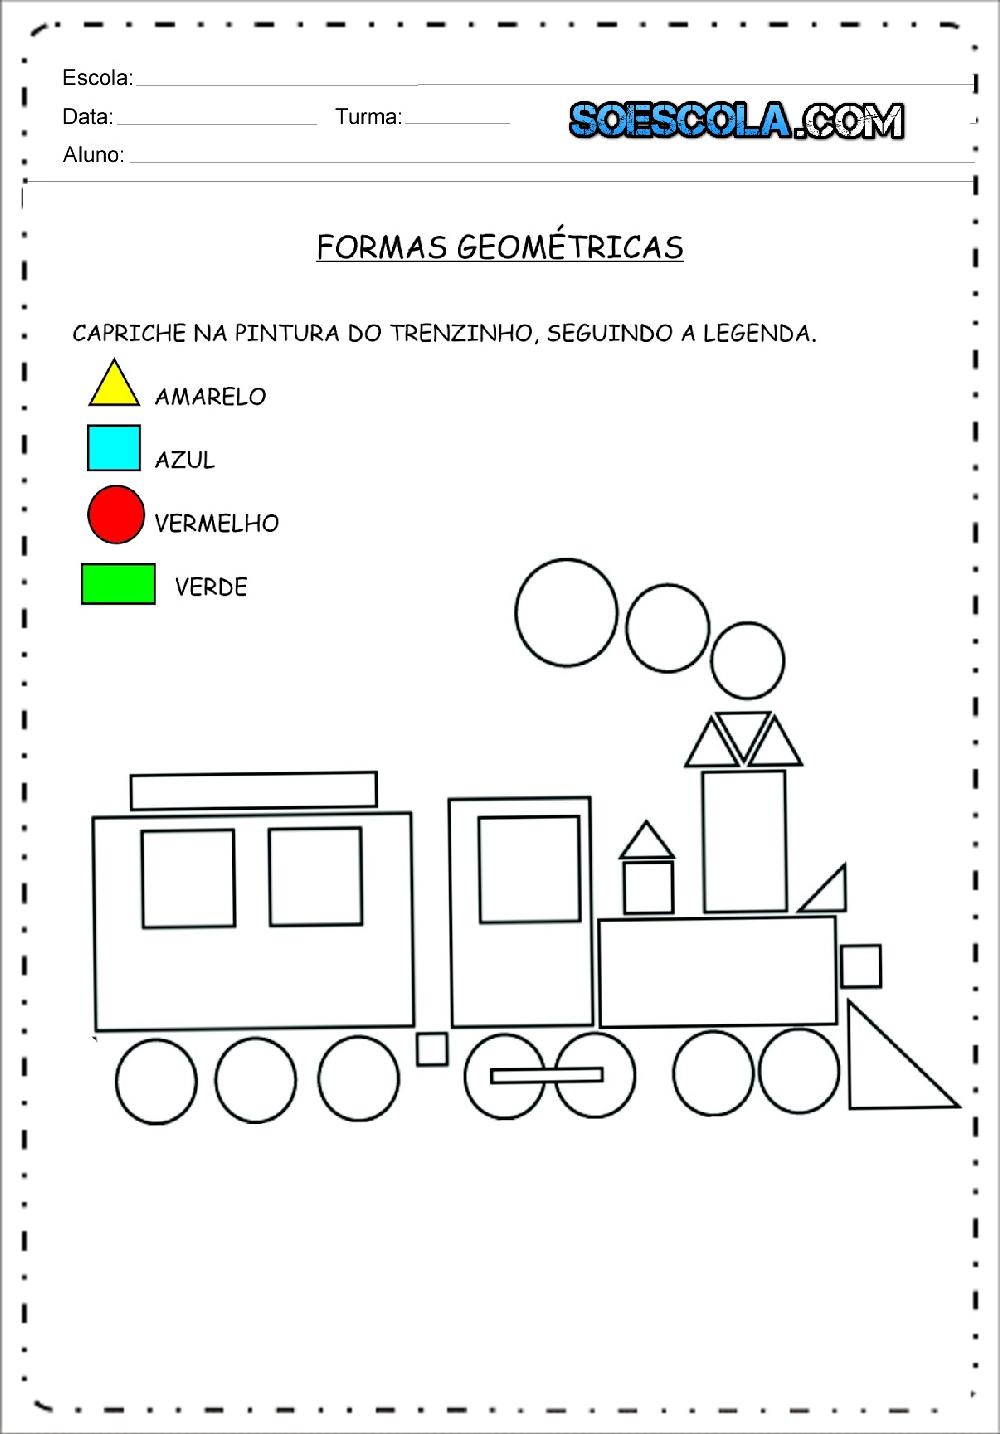 Atividades Formas Geometricas Para Imprimir Baixe Em Pdf Atividades Com Formas Geometricas Formas Geometricas Educacao Infantil Atividades Com Formas